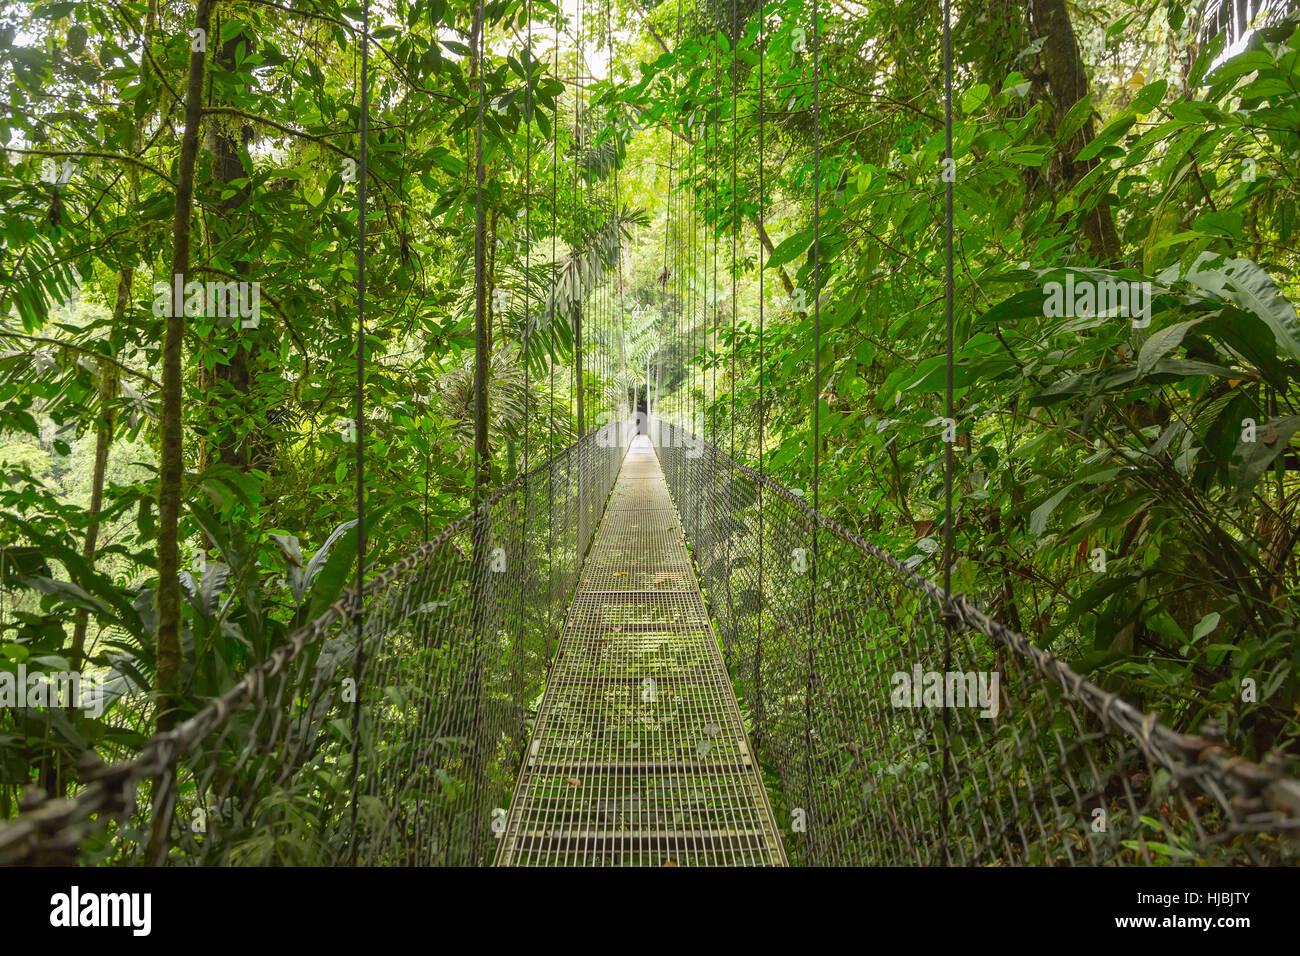 Puente colgante natural en el parque de selva tropical en Costa Rica Imagen De Stock